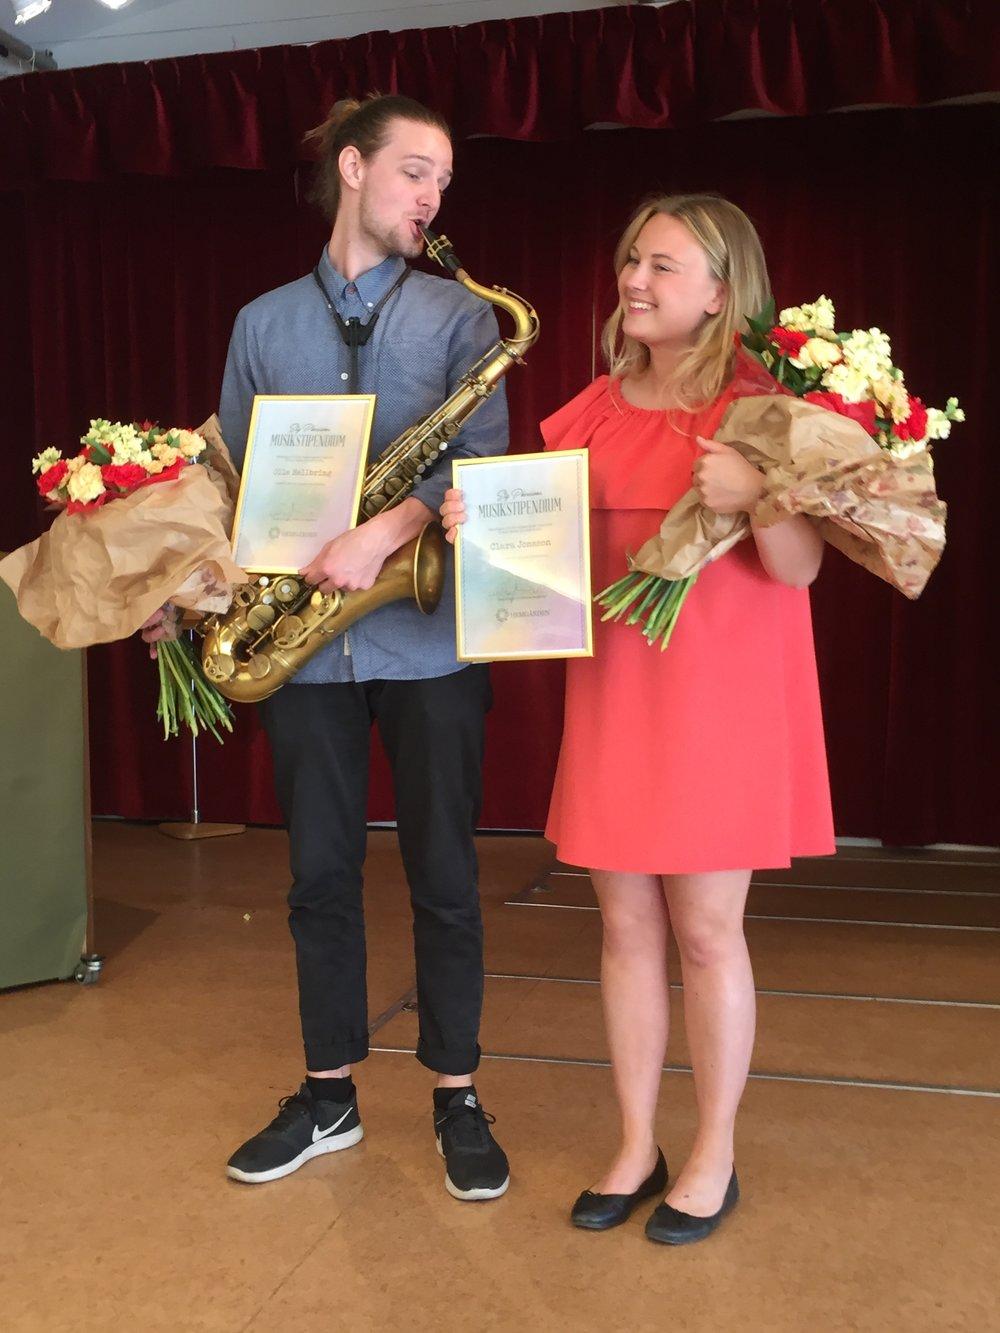 Stig Pherssonstiftelsens stipendiater 2018 i Stora salen  Olle Hellbring, saxofon  Clara Jonsson, sång  Olle och Clara erhöll 10 000 kr vardera